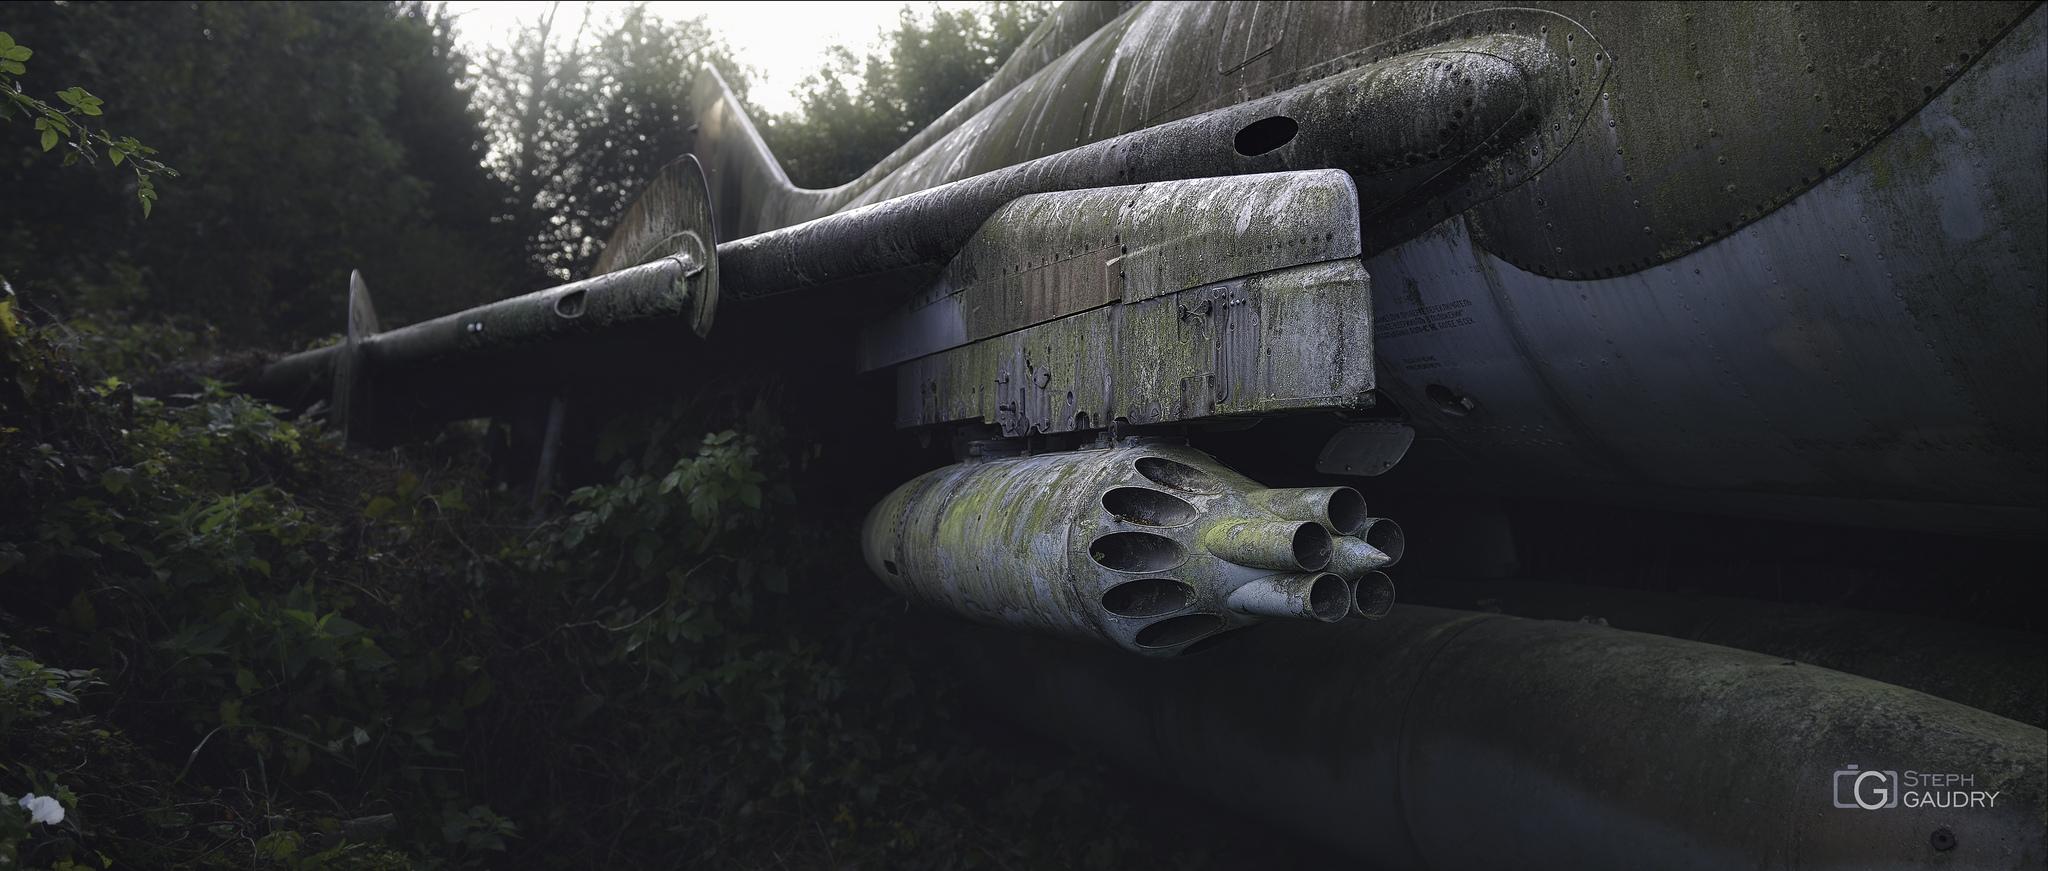 Сухой Су-22 [Klik om de diavoorstelling te starten]